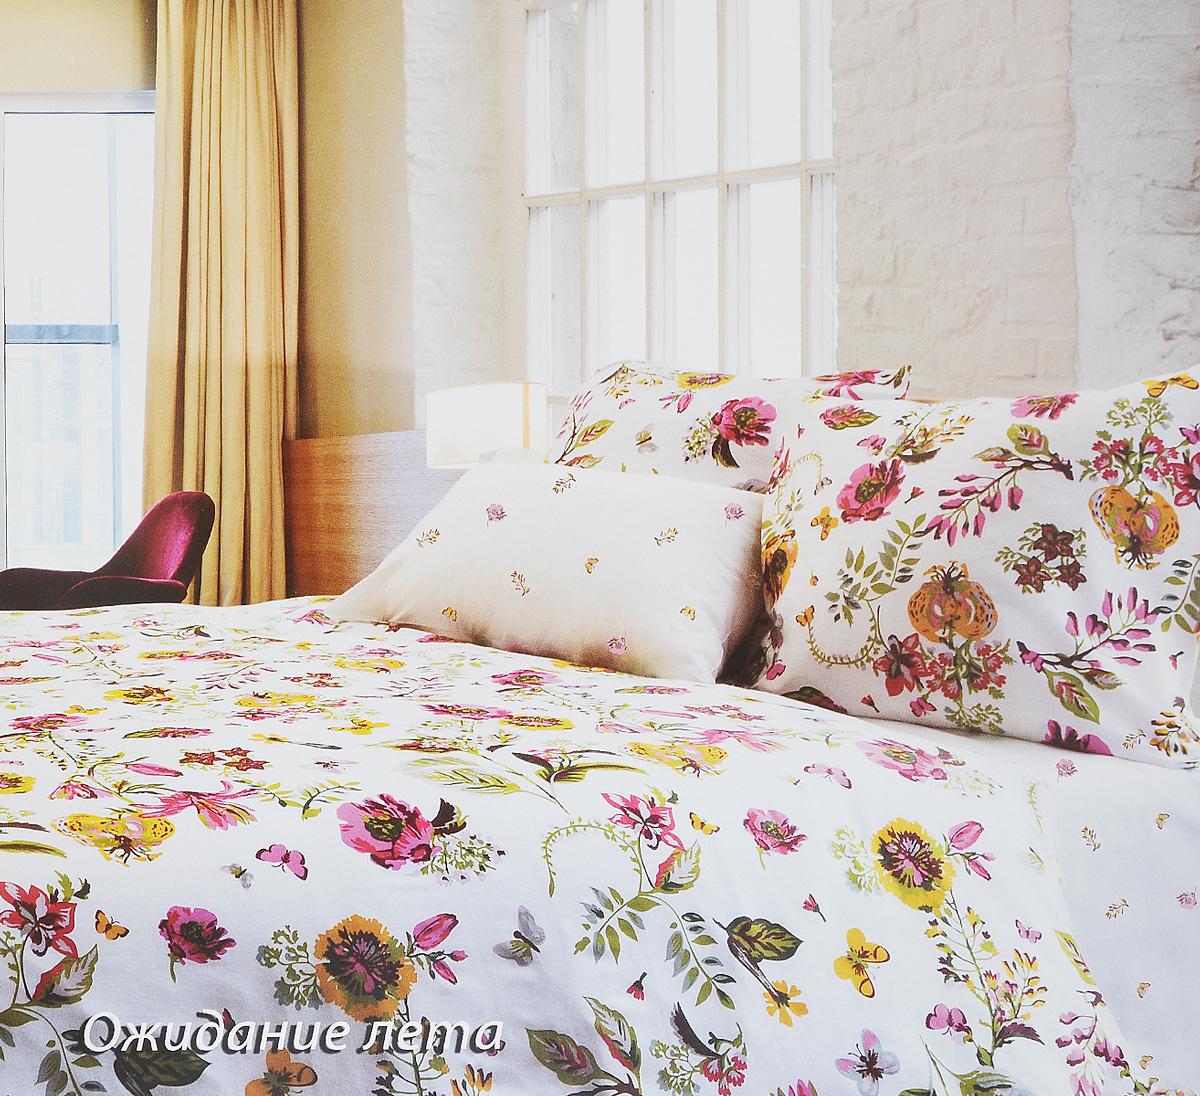 Комплект белья Tiffanys Secret Ожидание лета, 1,5-спальный, наволочки 50х70, цвет: белый, розовый, желтый2040816090Комплект постельного белья Tiffanys Secret Ожидание лета является экологически безопасным для всей семьи, так как выполнен из сатина (100% хлопок). Комплект состоит из пододеяльника, простыни и двух наволочек. Предметы комплекта оформлены оригинальным рисунком.Благодаря такому комплекту постельного белья вы сможете создать атмосферу уюта и комфорта в вашей спальне.Сатин - это ткань, навсегда покорившая сердца человечества. Ценившие роскошь персы называли ее атлас, а искушенные в прекрасном французы - сатин. Секрет высококачественного сатина в безупречности всего технологического процесса. Эту благородную ткань делают только из отборной натуральной пряжи, которую получают из самого лучшего тонковолокнистого хлопка. Благодаря использованию самой тонкой хлопковой нити получается необычайно мягкое и нежное полотно. Сатиновое постельное белье превращает жаркие летние ночи в прохладные и освежающие, а холодные зимние - в теплые и согревающие. Сатин очень приятен на ощупь, постельное белье из него долговечно, выдерживает более 300 стирок, и лишь спустя долгое время материал начинает немного тускнеть. Оцените все достоинства постельного белья из сатина, выбирая самое лучшее для себя!